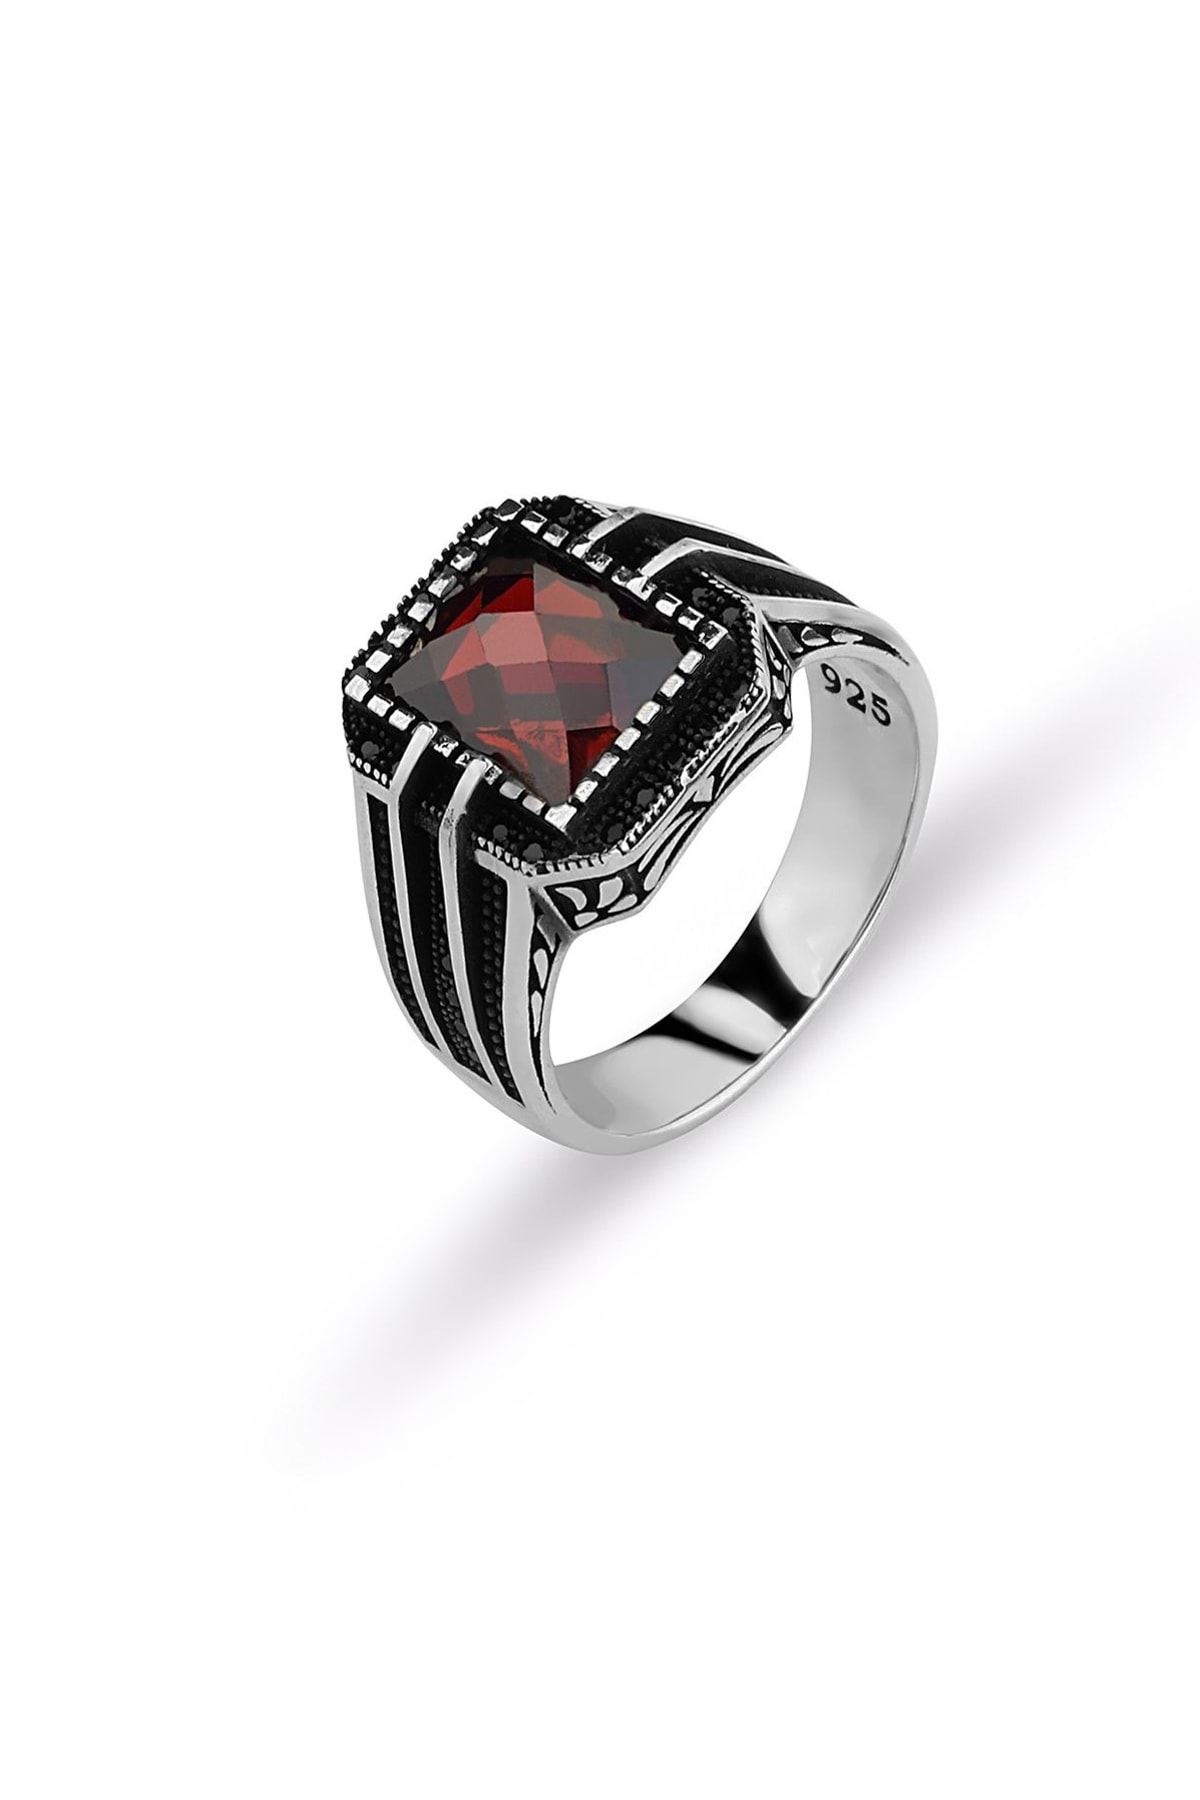 MySilvers Kesme Kırmızı Taşlı Erkek Yüzüğü Erkek Oksit 1